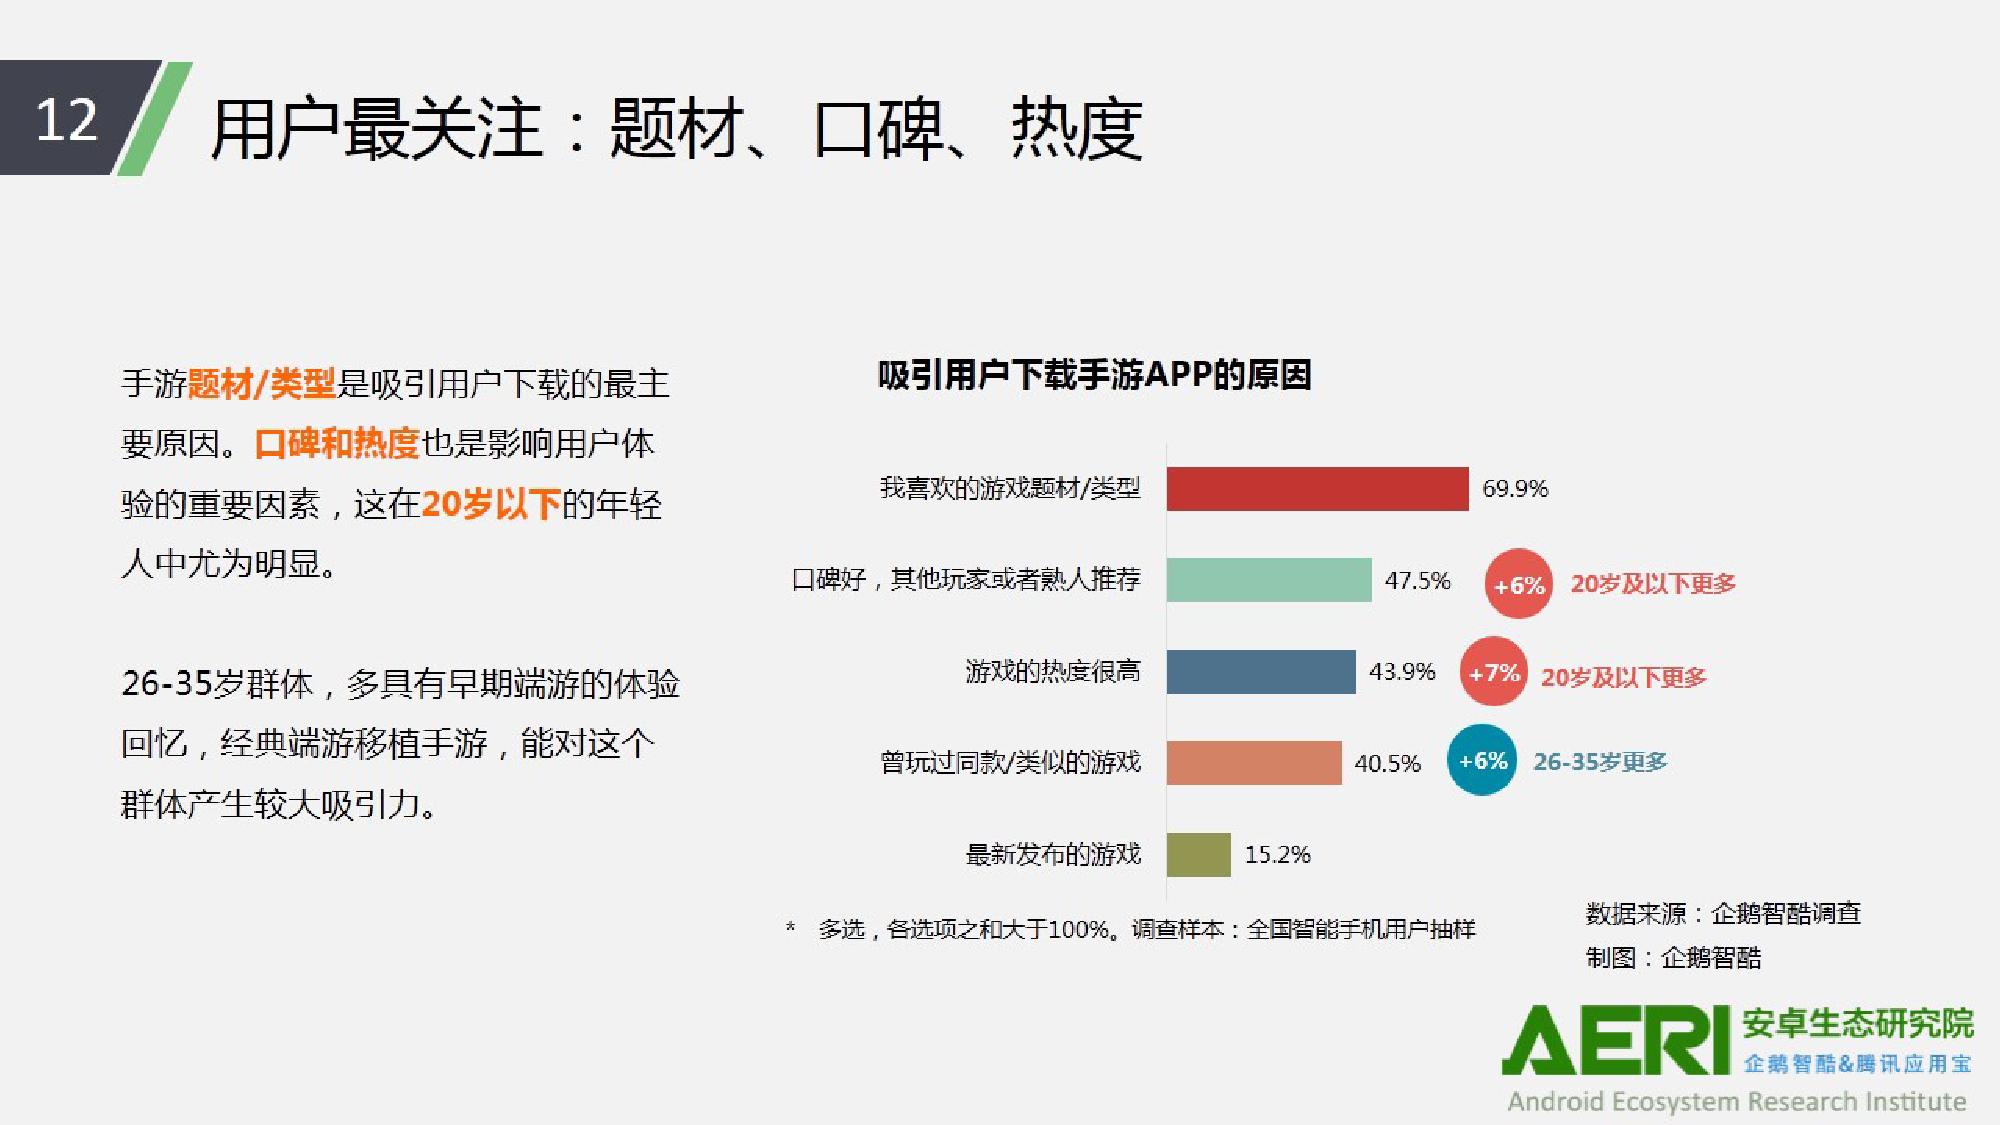 中国手游行业2016大数据报告_000013